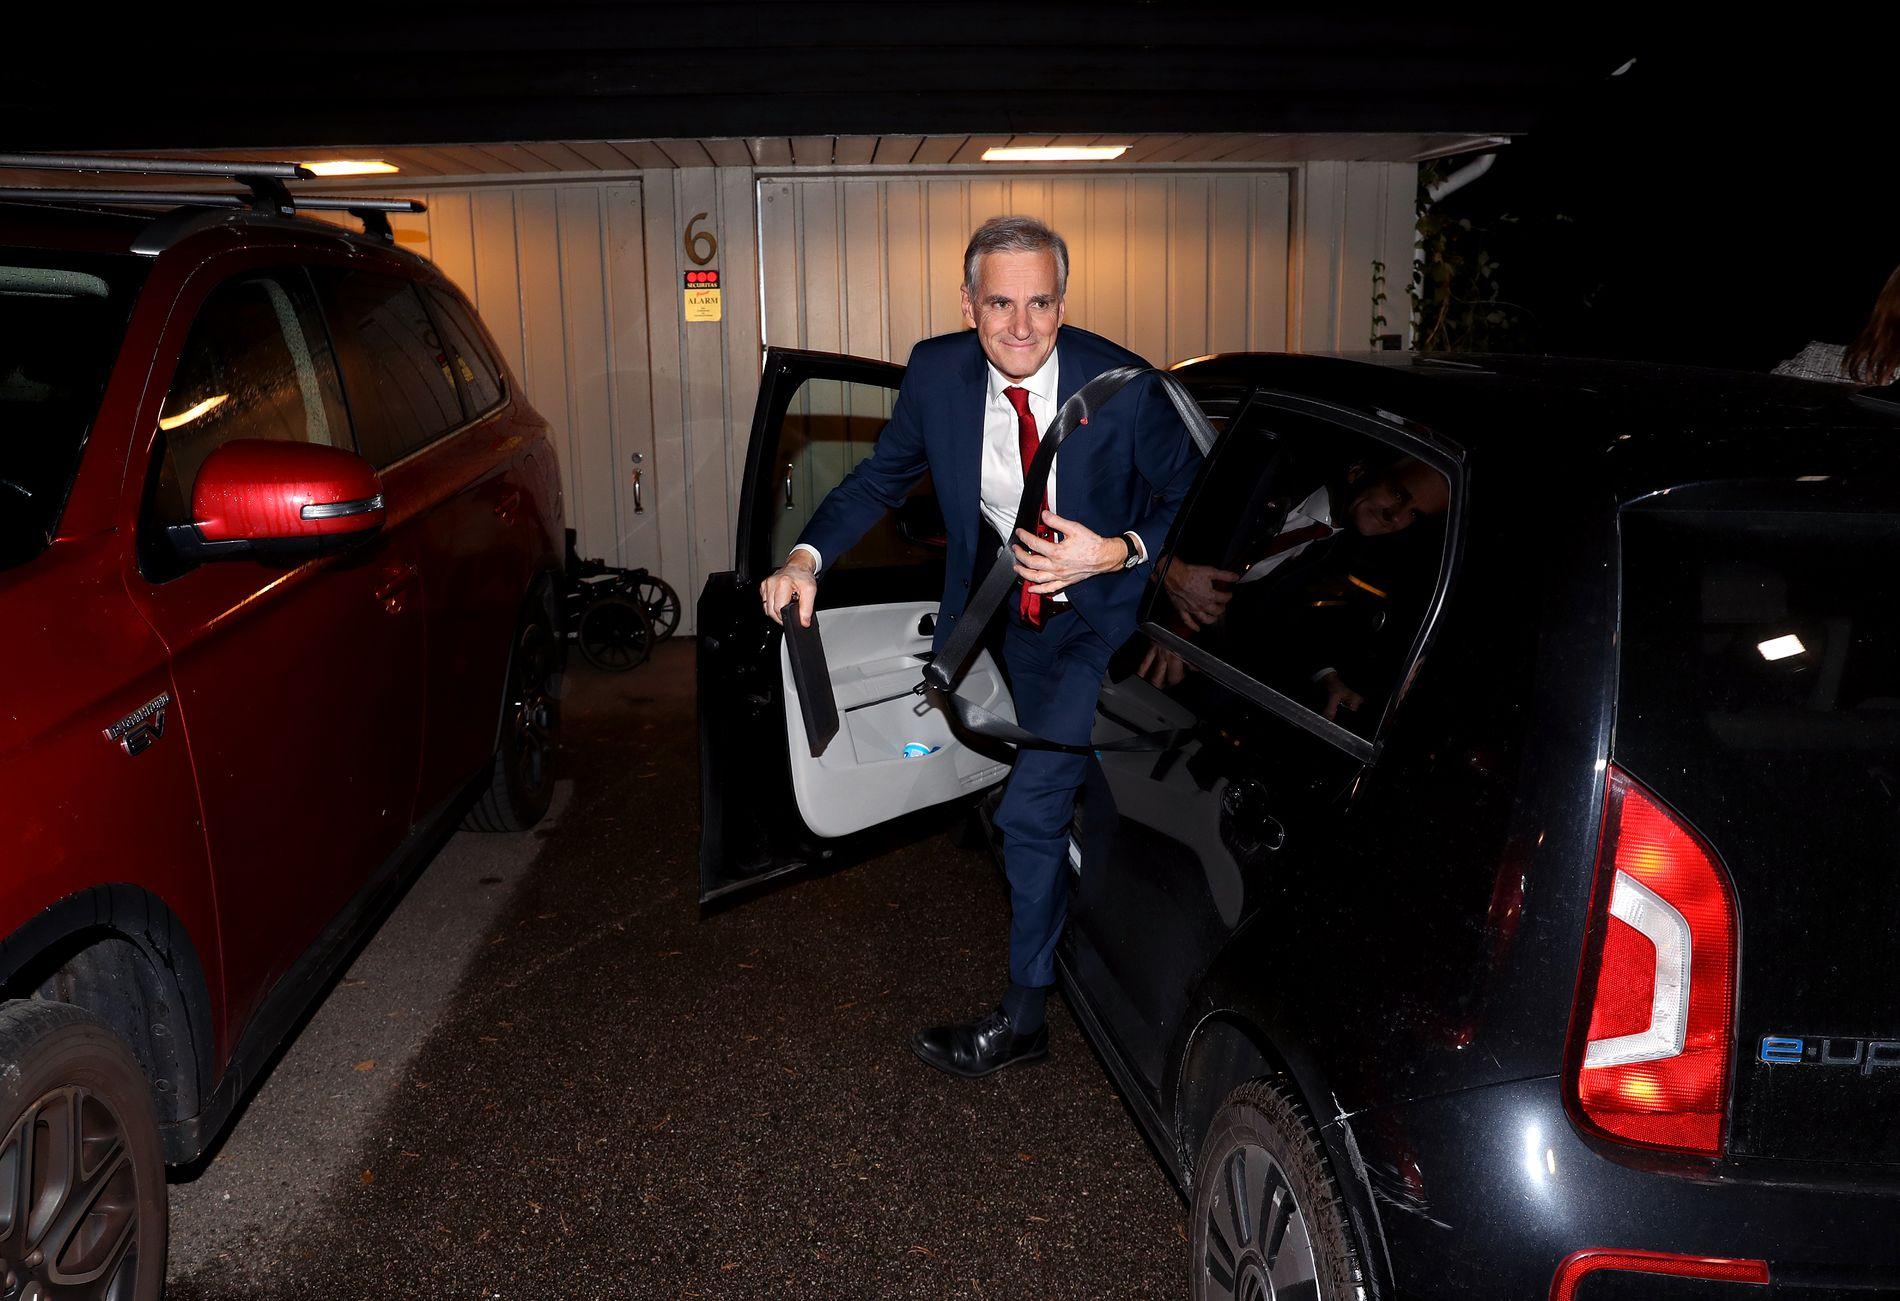 ENDELIG HJEMME: Ap-leder Jonas Gahr Støre kommer hjem etter valgnedturen, etter at partilederne møttes til debatt i Vandrehallen på Stortinget.